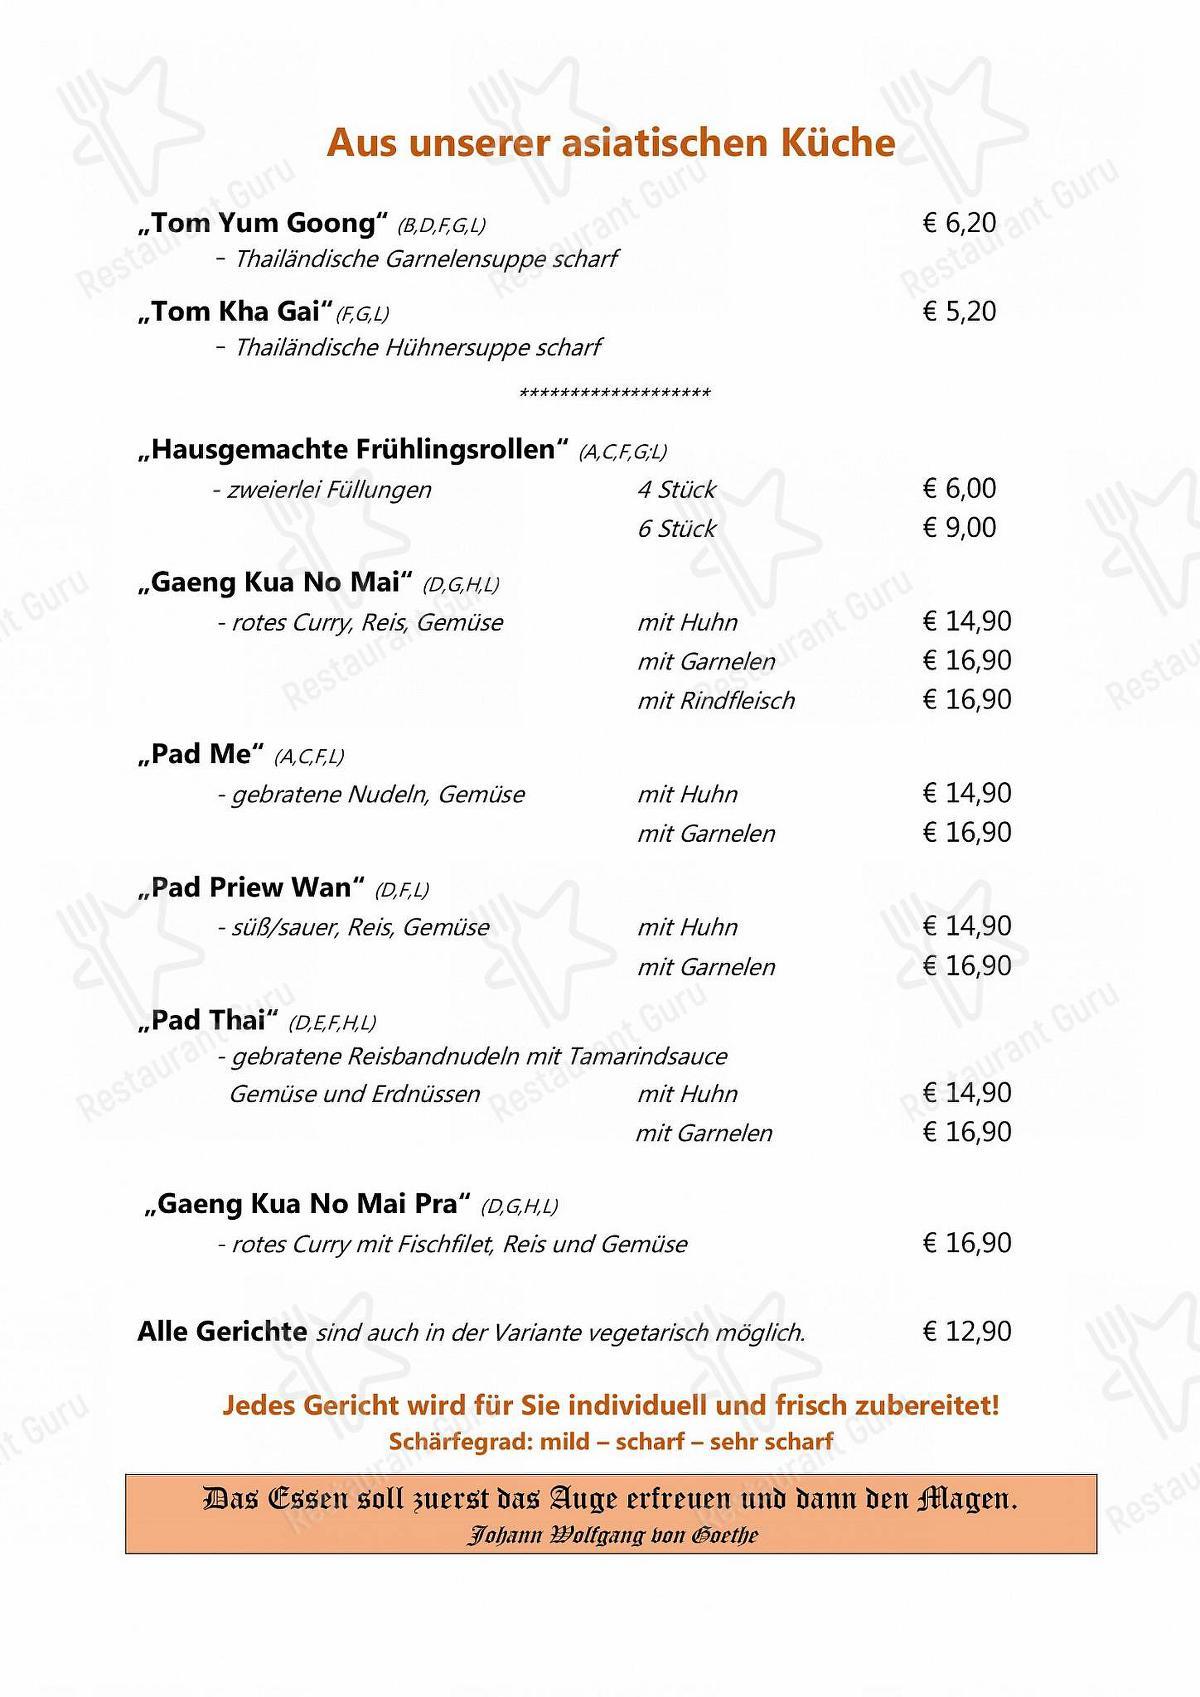 Café Restaurant Hermann Speisekarte - Essen und Getränke